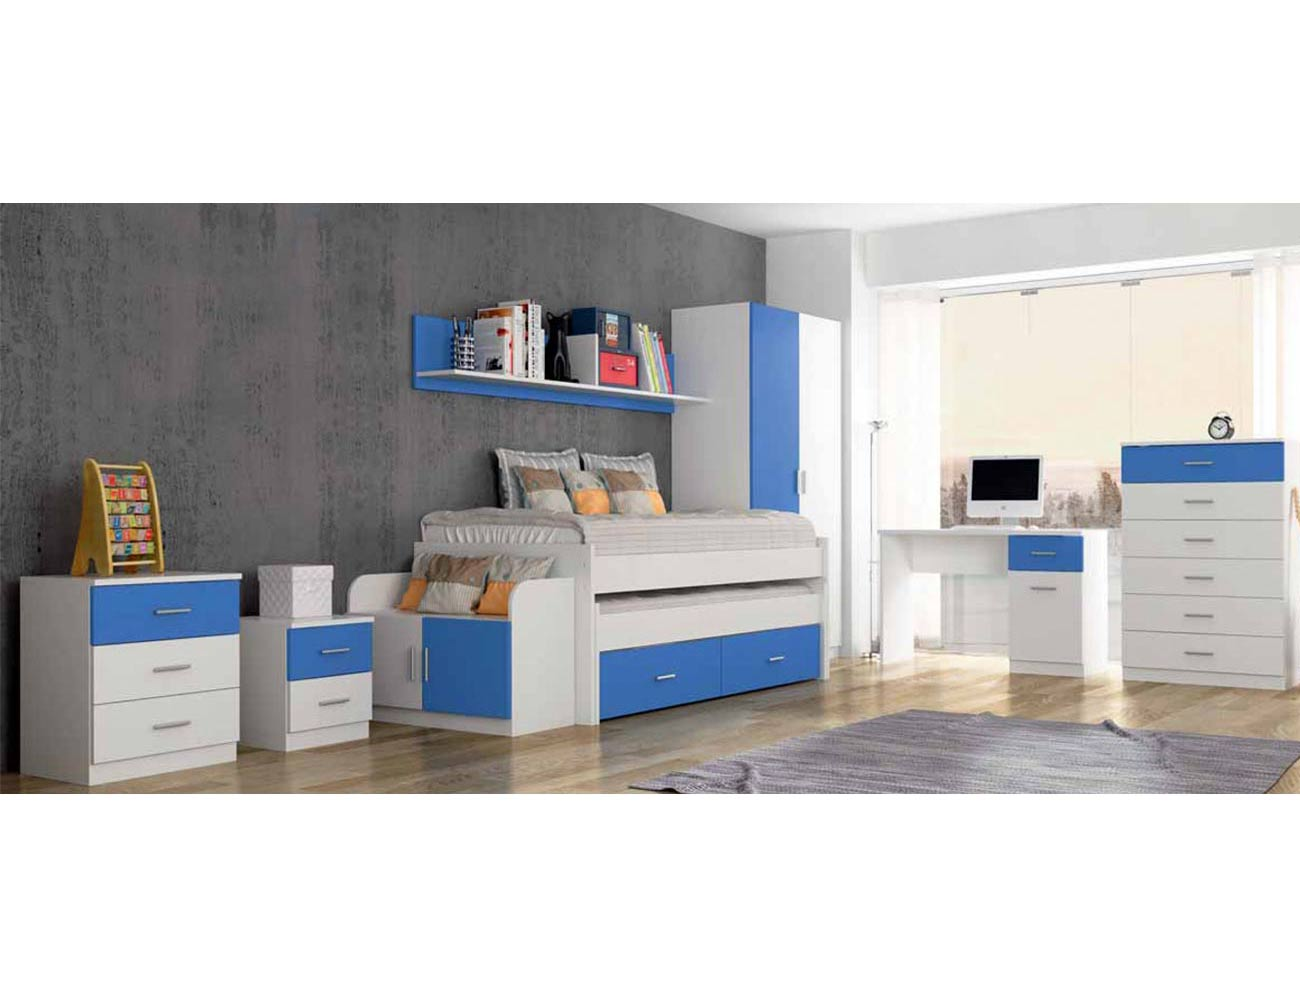 Dormitorio juvenil comodin mesita noche banqueta estanteria cama compacto nido mesa estudio sinfonier armario